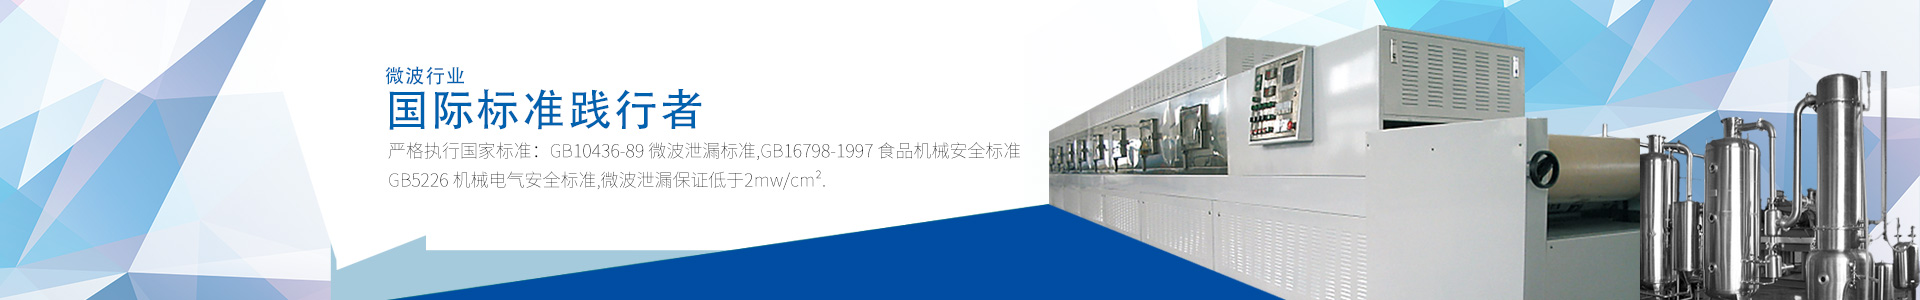 北京奧運會上海世博會大型微波干燥設備供應商-上海博奧